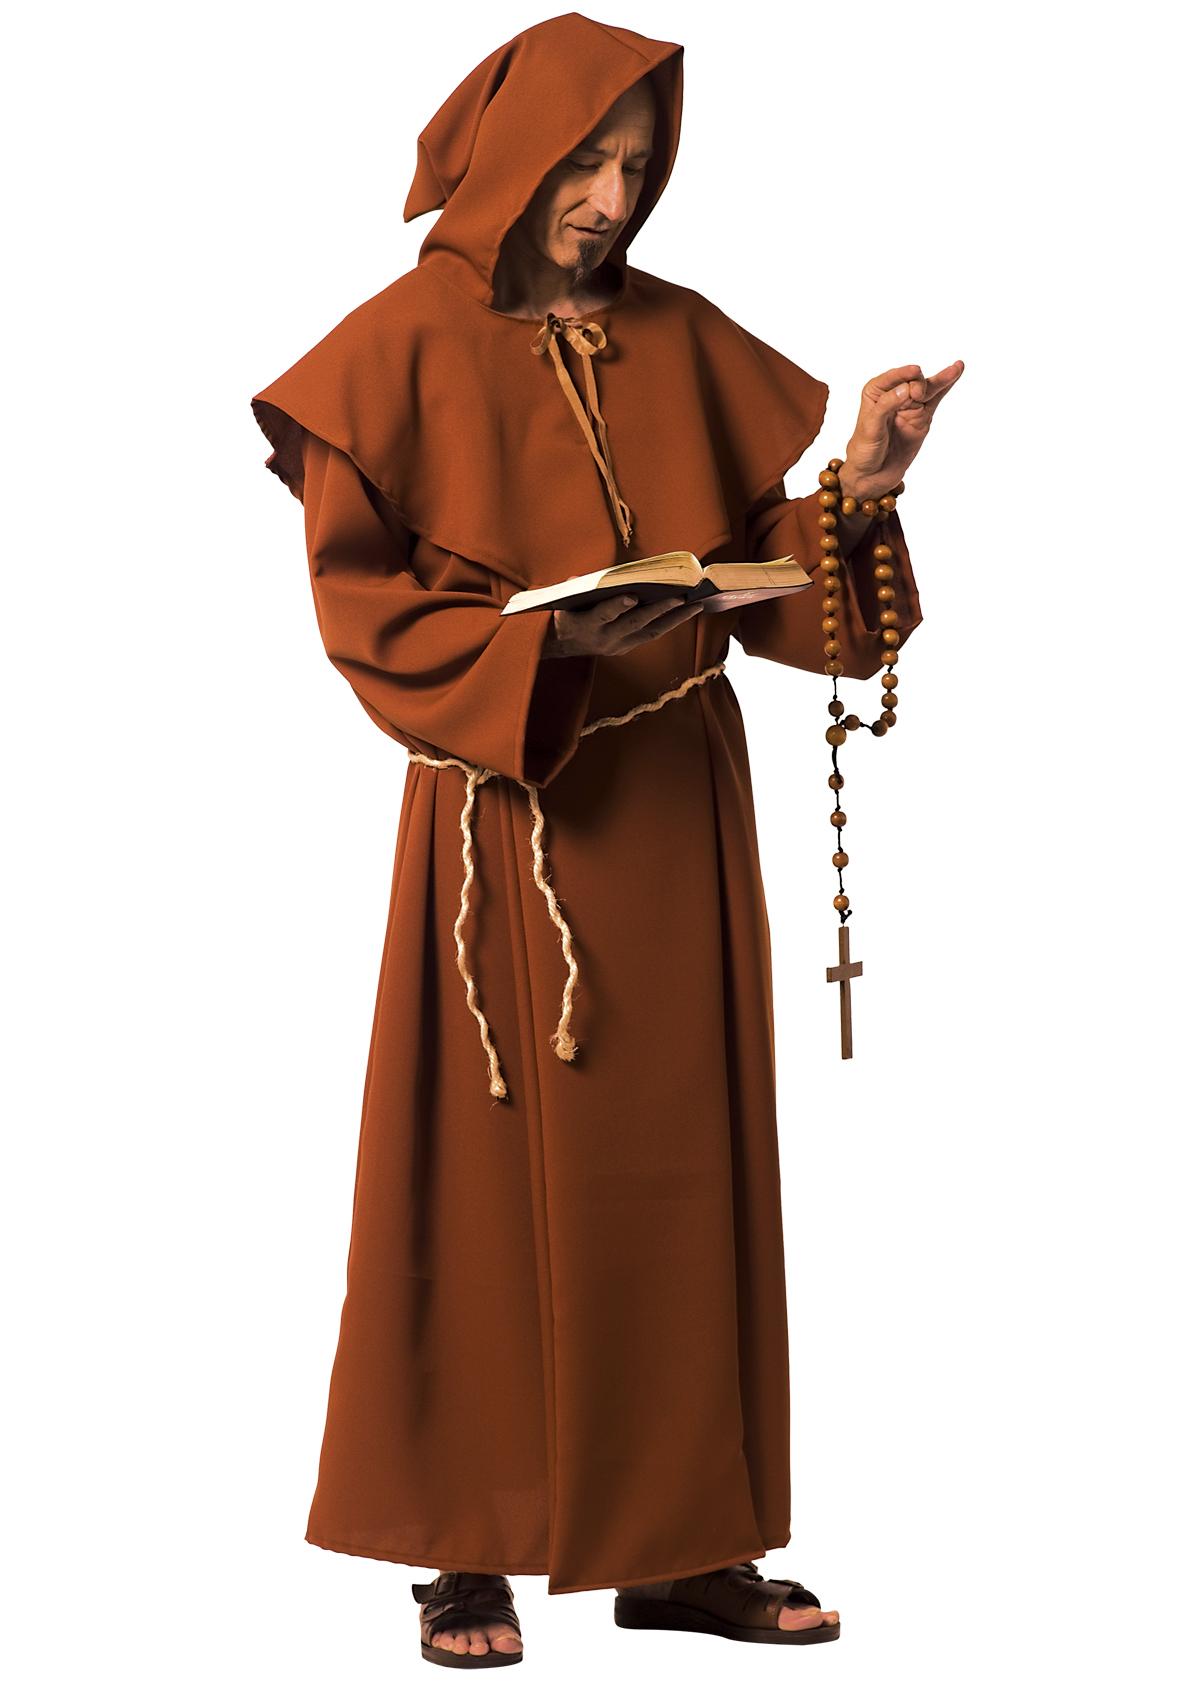 Αποτέλεσμα εικόνας για μοναχός